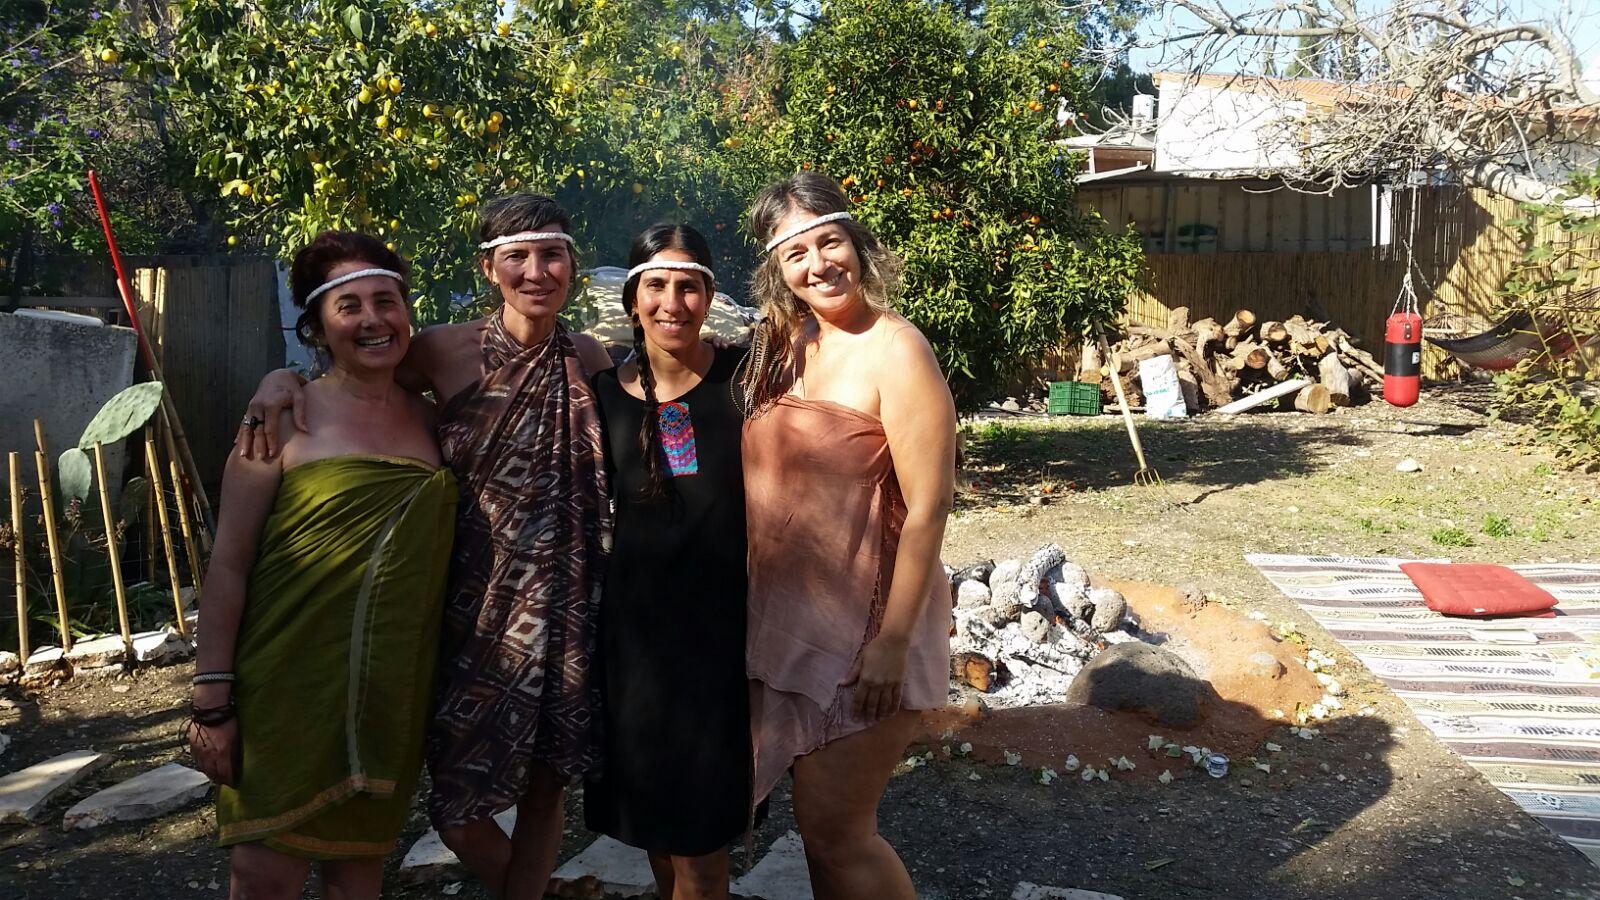 נשים מספרות את חוויתן18-WA0017